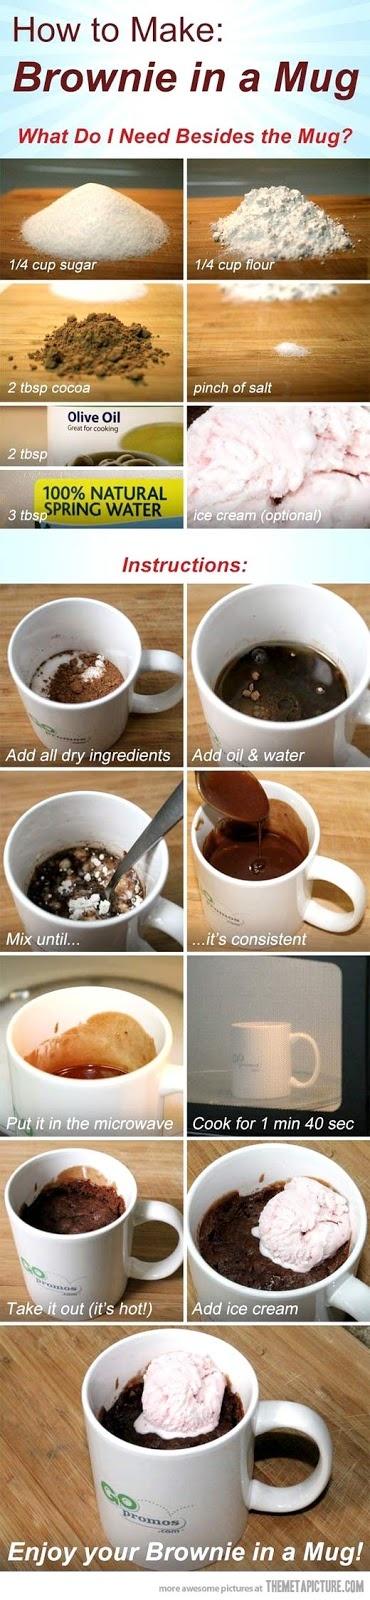 Brownie in a Mug | It's Very Pinteresting!